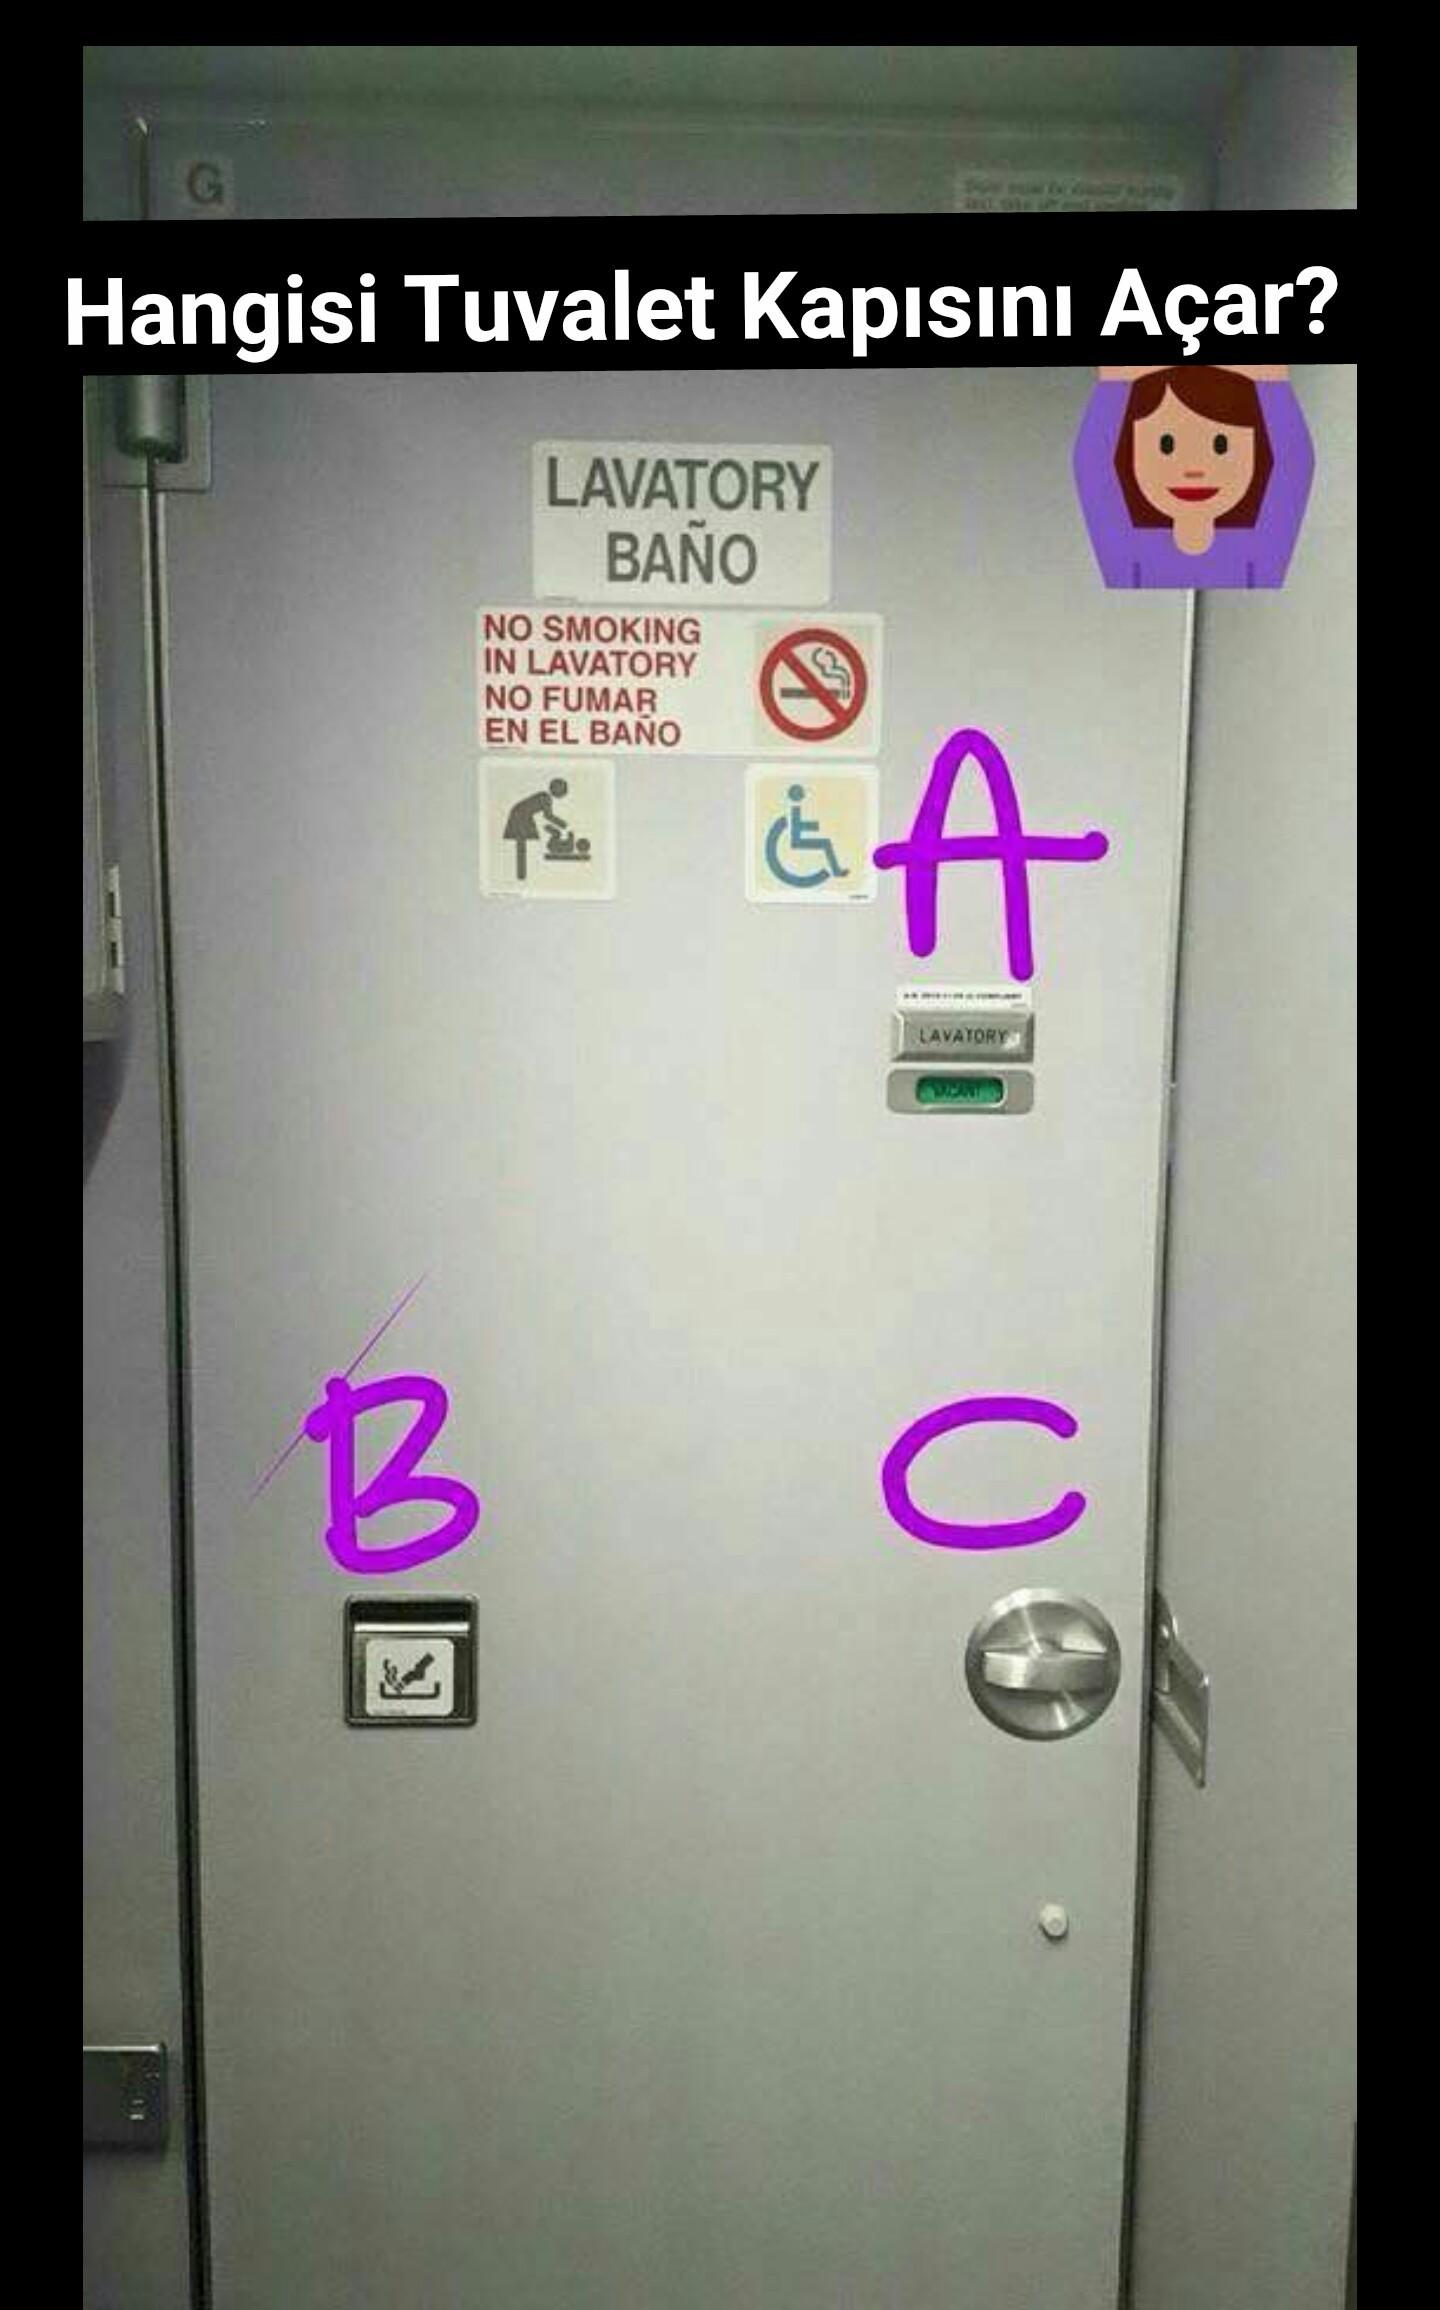 Tuvalet kapısını açamayan yolcu